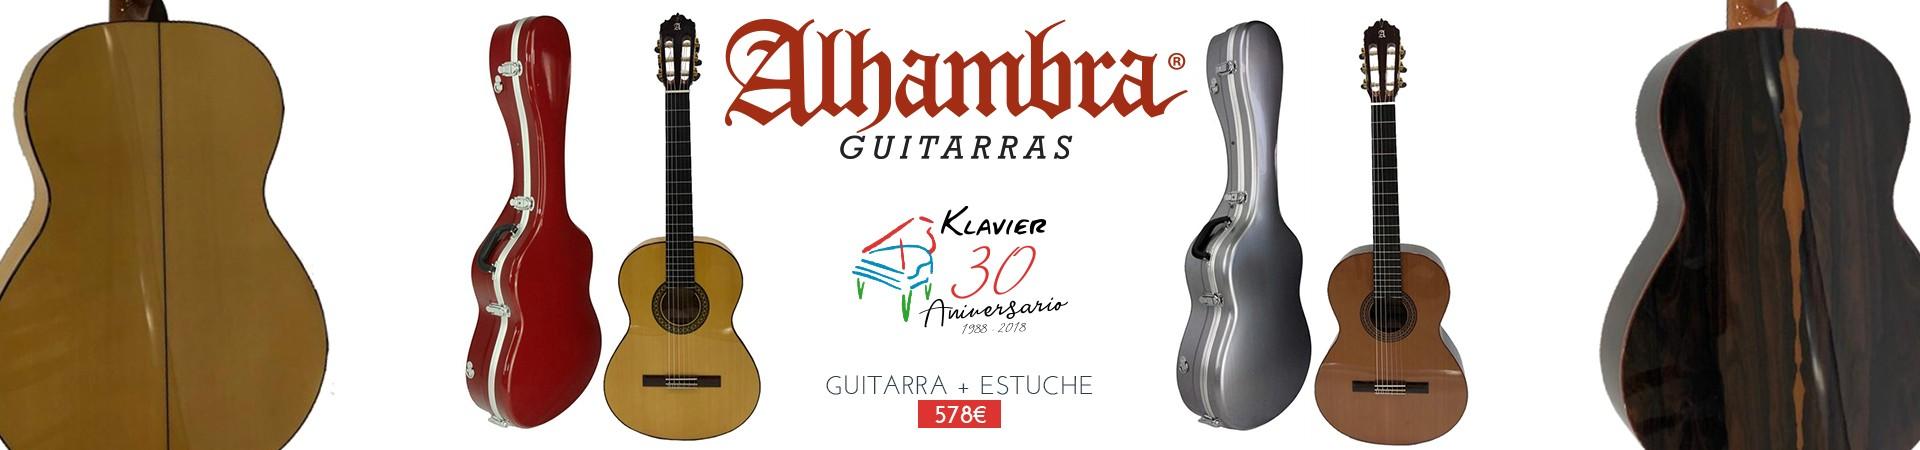 Alhambra Klavier 30 aniversario